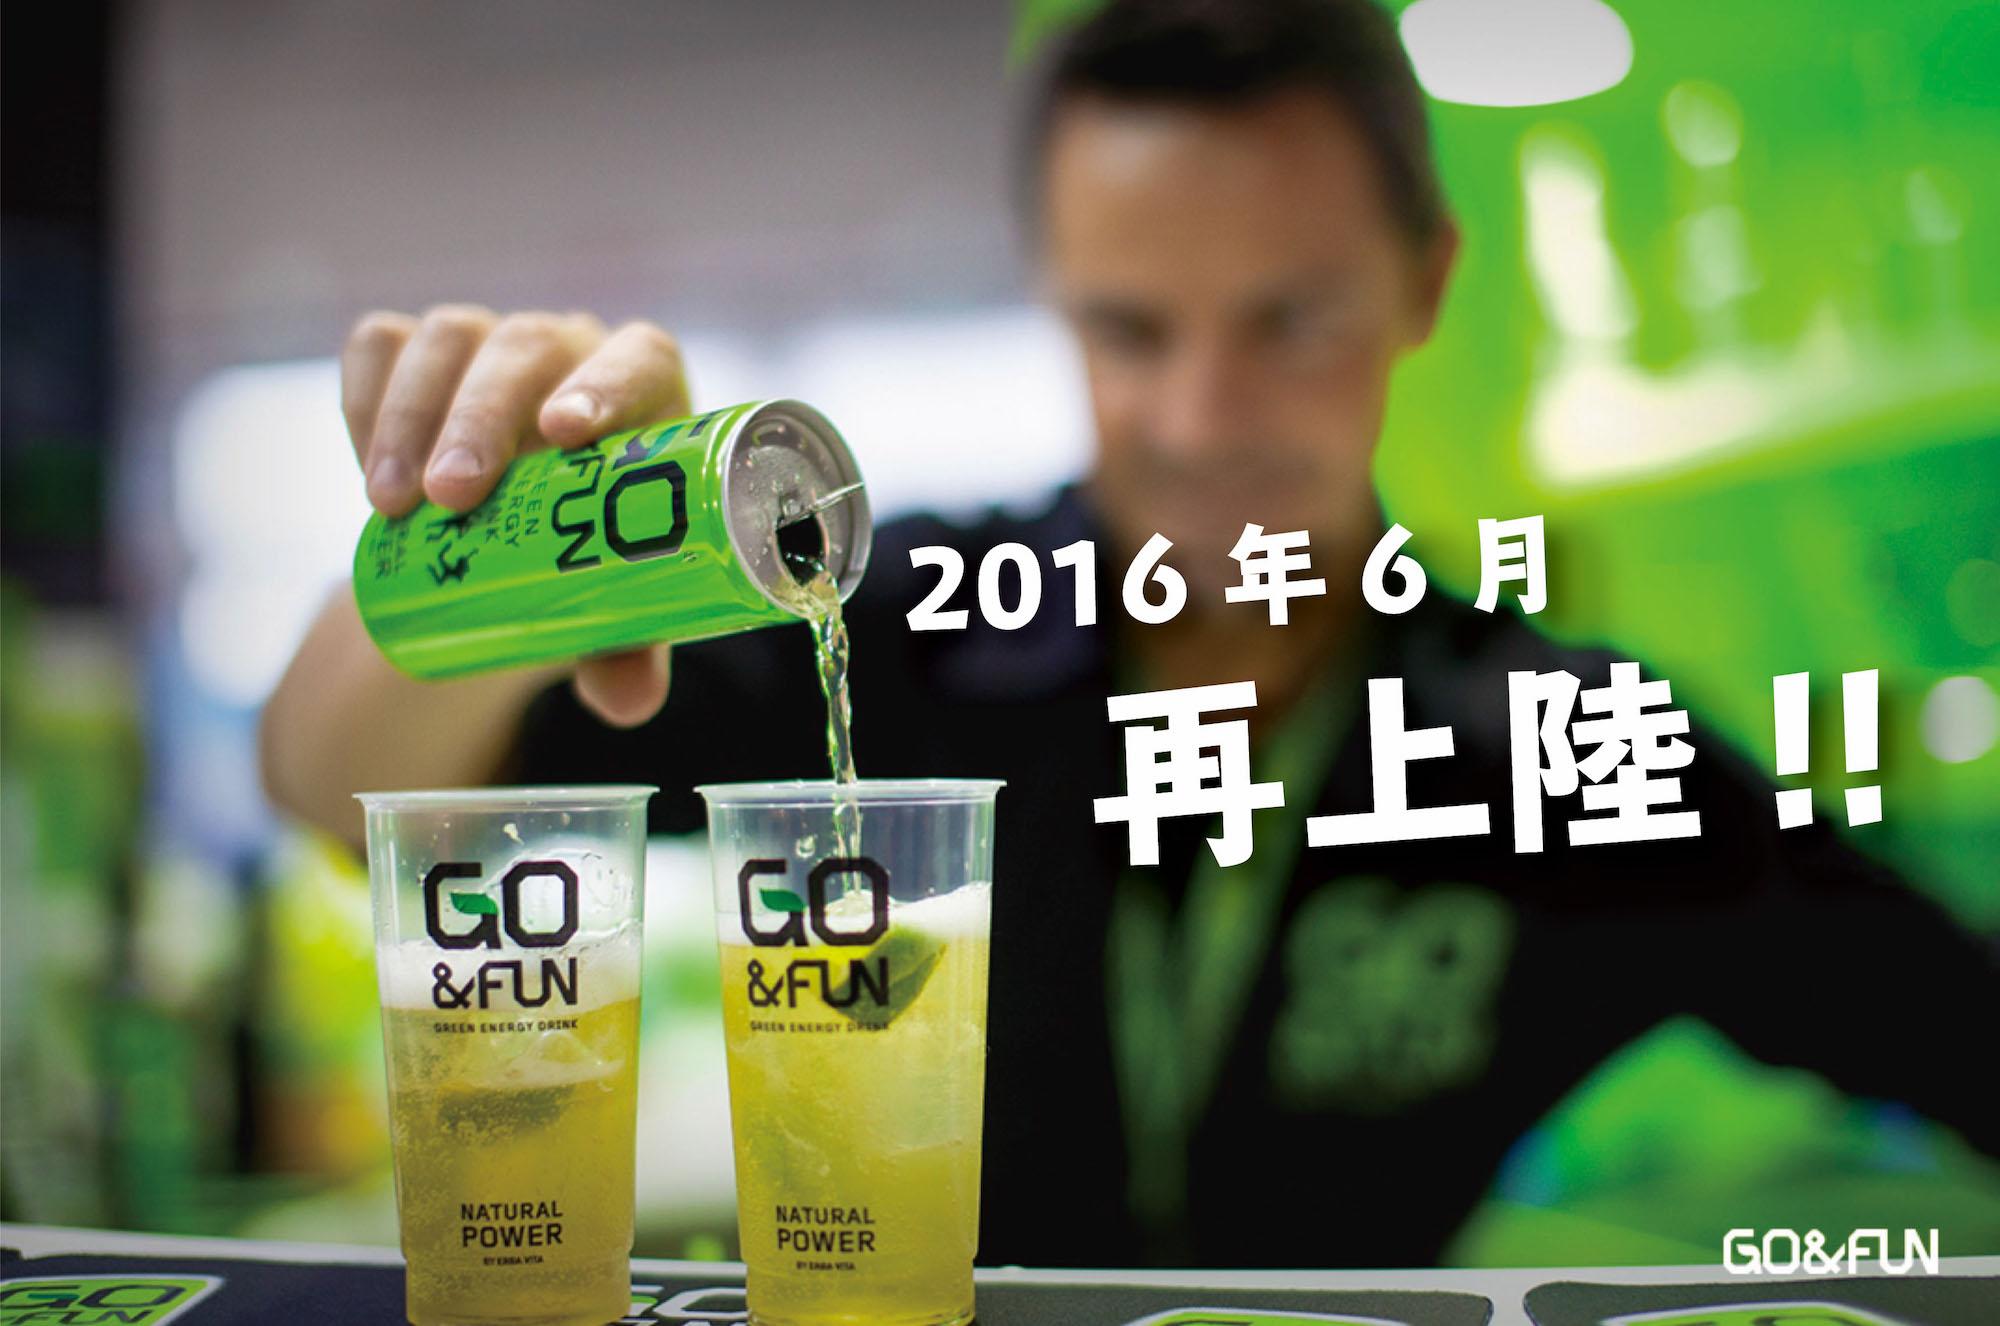 GO&FUNJapan_001